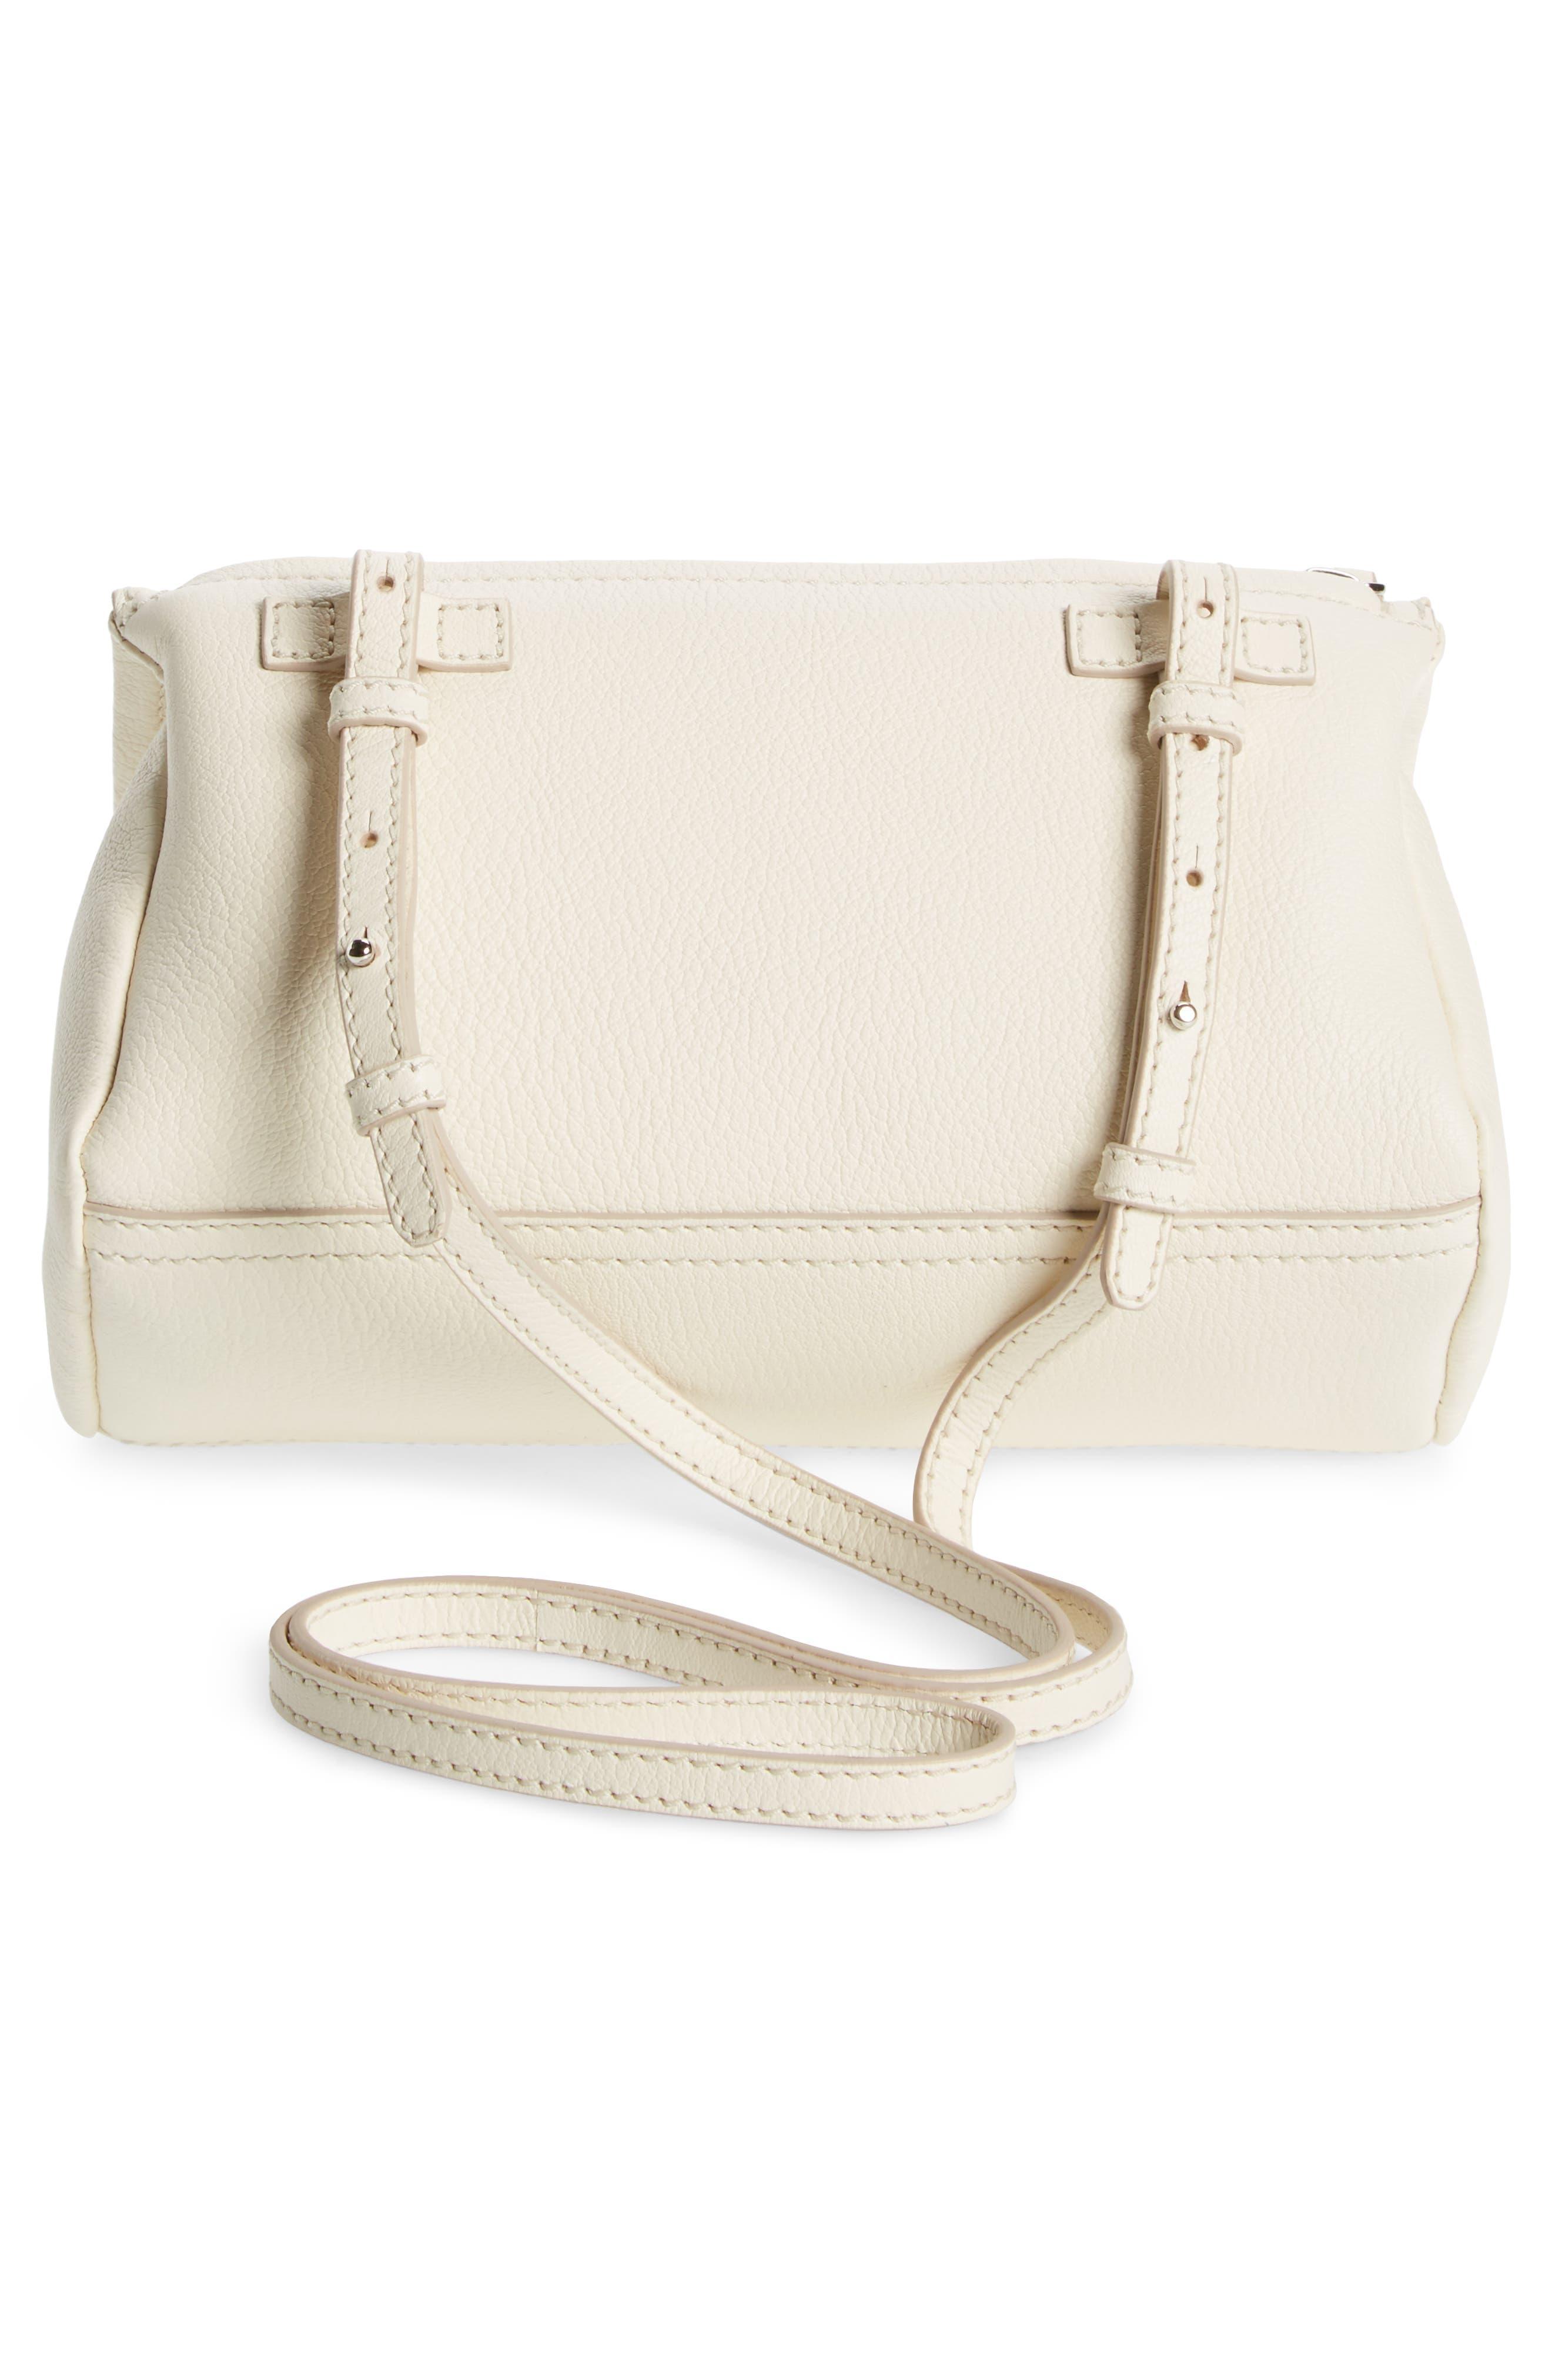 Alternate Image 3  - Givenchy 'Mini Pandora' Sugar Leather Shoulder Bag